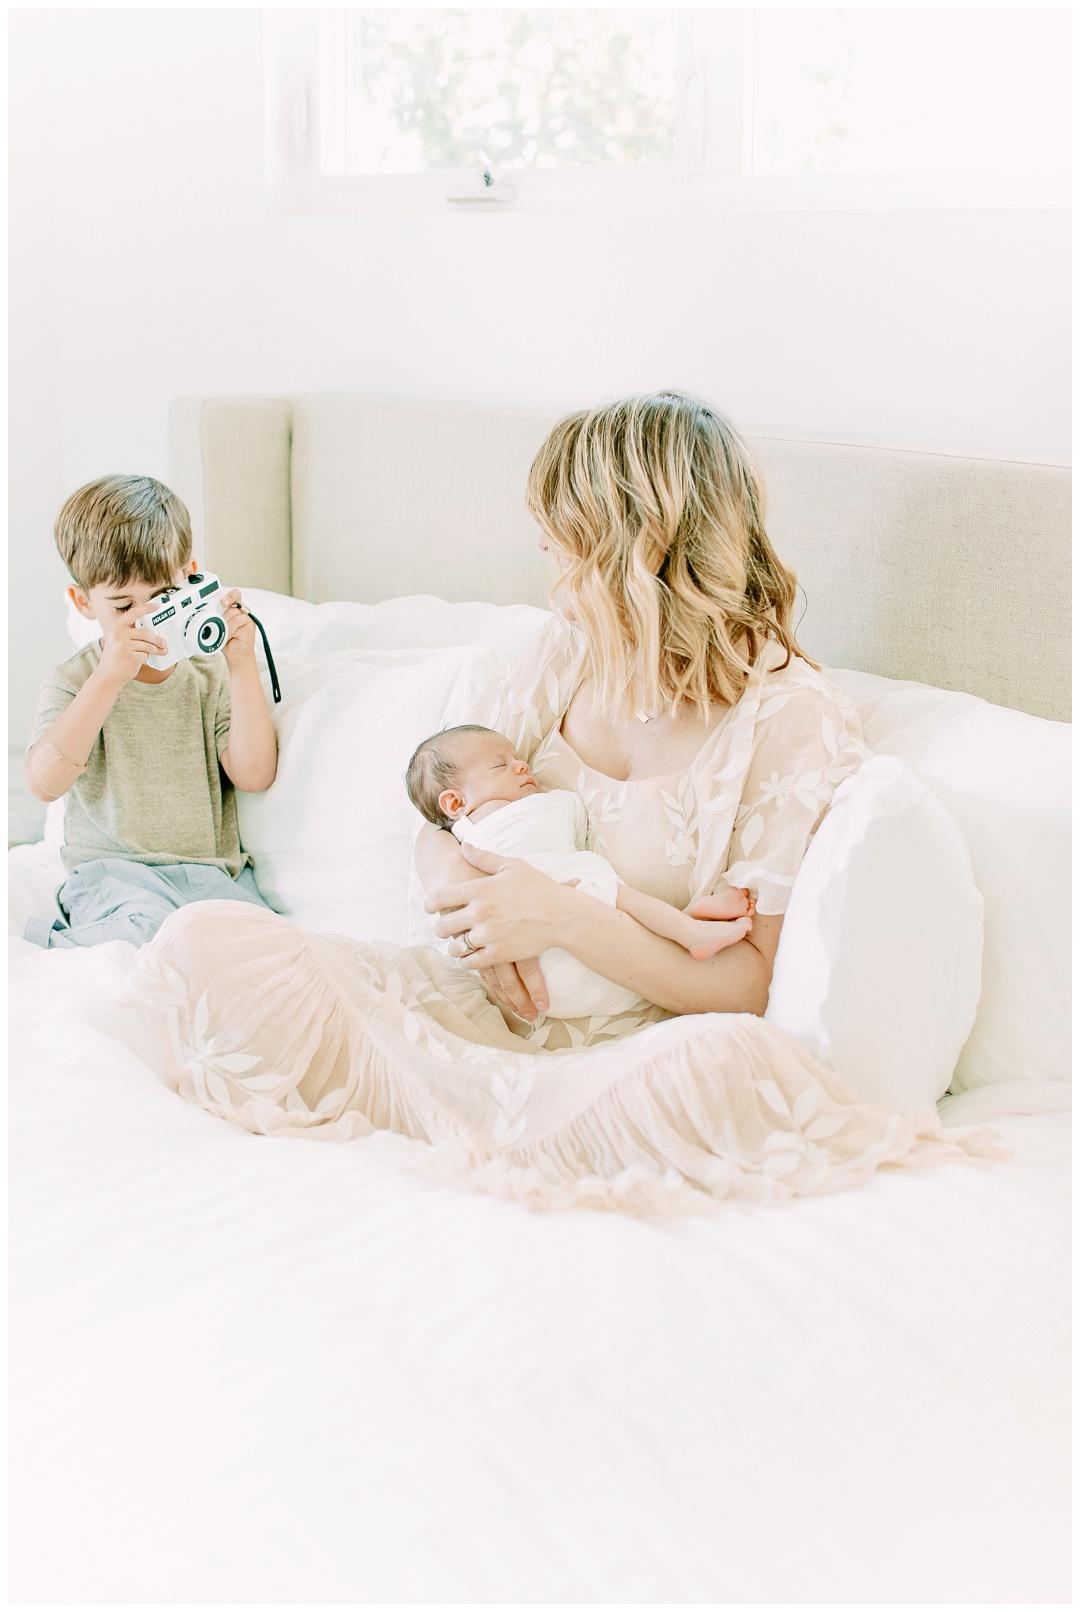 Newport_Beach_Newborn_Photographer_In-home_Newborn_Photography_Cori_Kleckner_Photography_The_Pirro_Family_Jessica_Pirro__1077.jpg